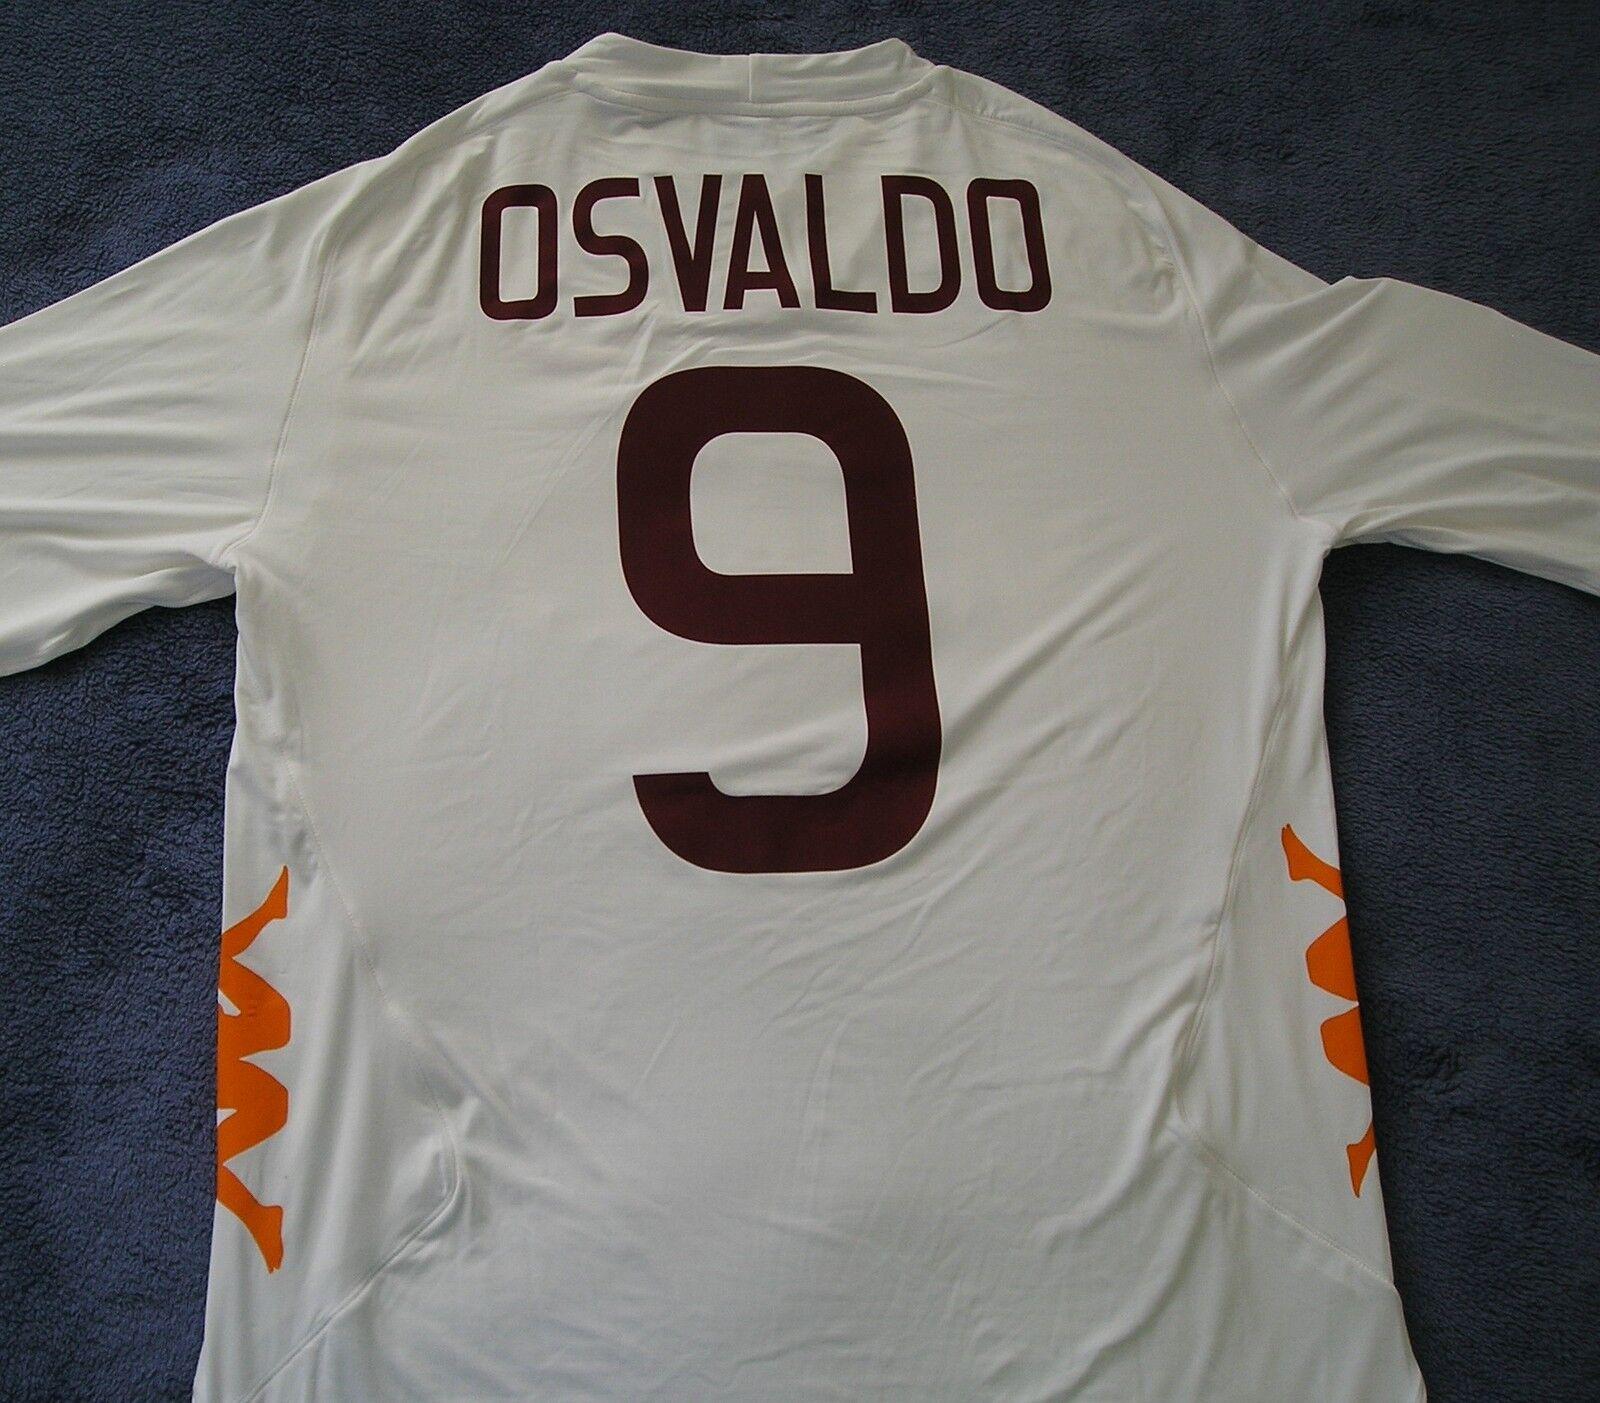 Poco común  Kappa como Roma auténtico Osvaldo Italia Camiseta De Fútbol Camiseta De Fútbol  para hombre 2XL